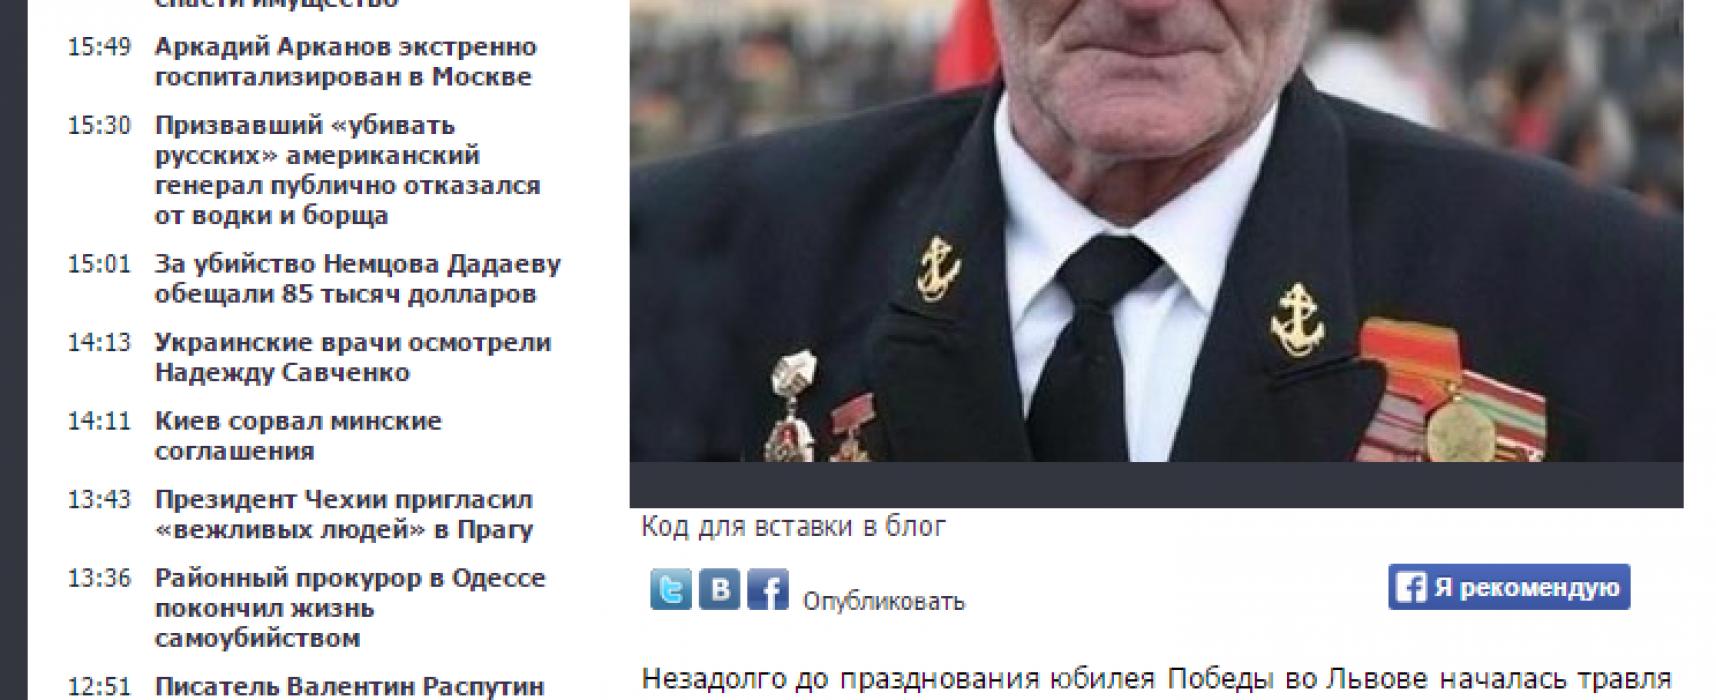 Фейк: во Львове предложили отменить орден «За мужество»